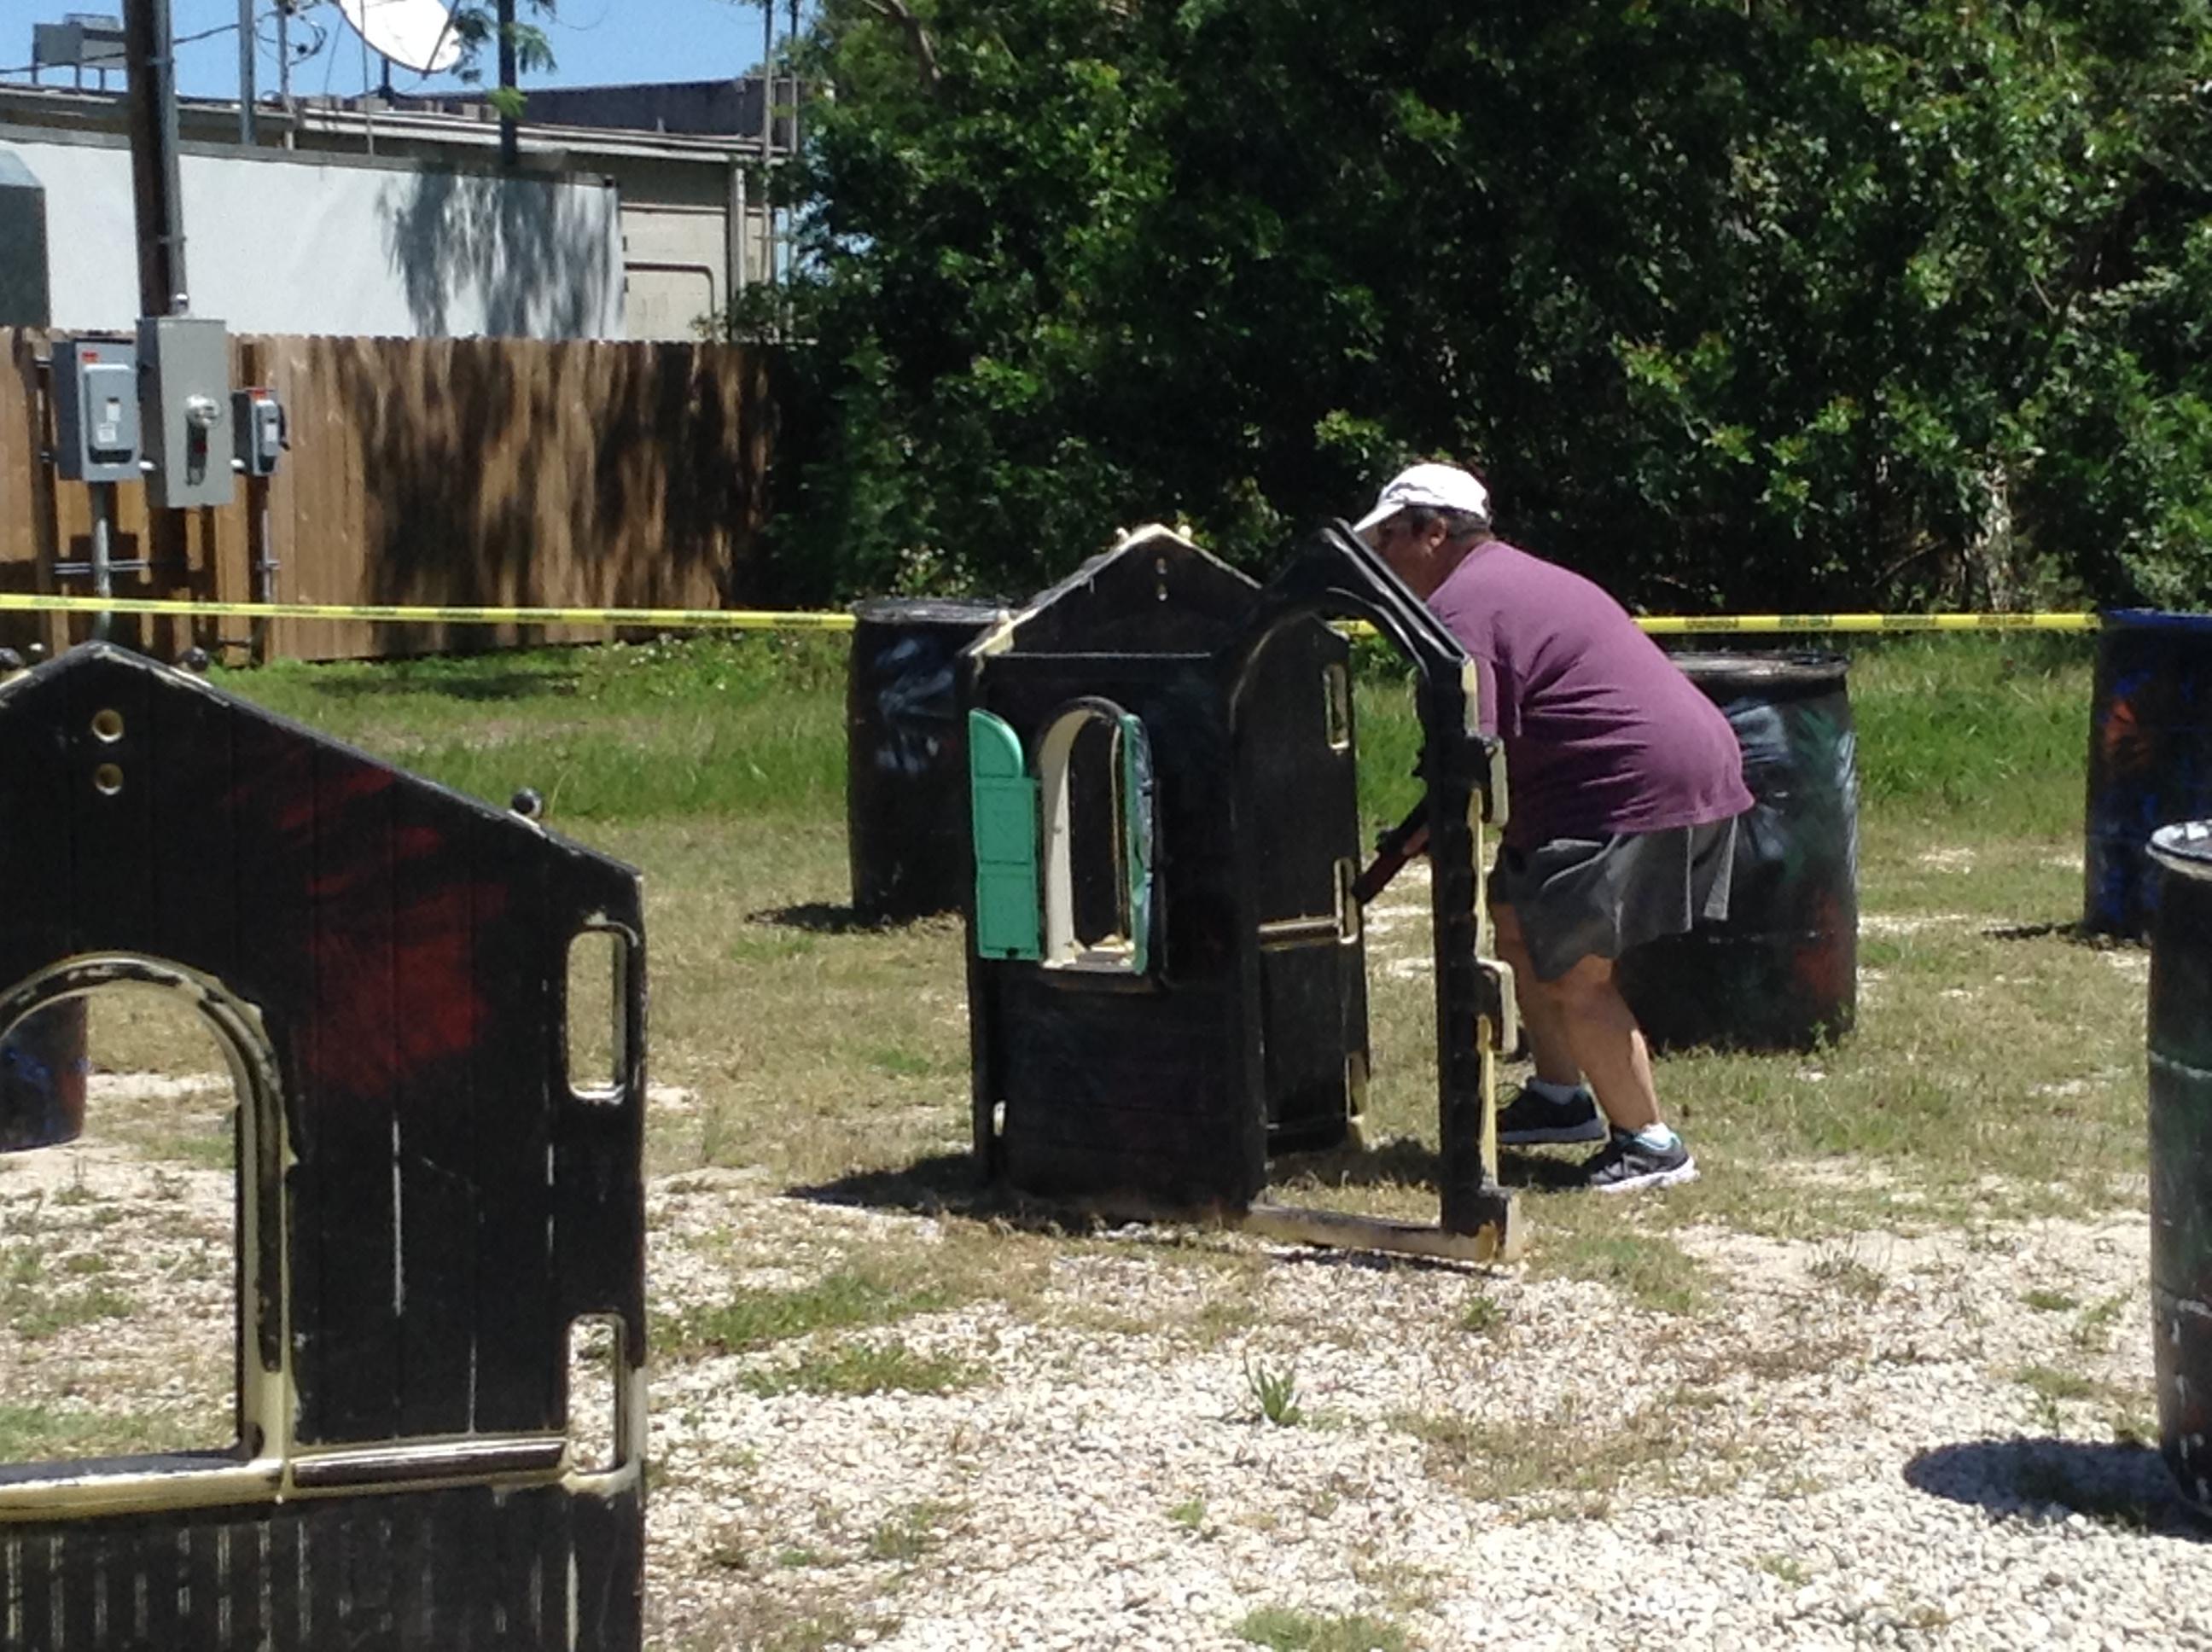 Laser Tag in Ellenton Florida